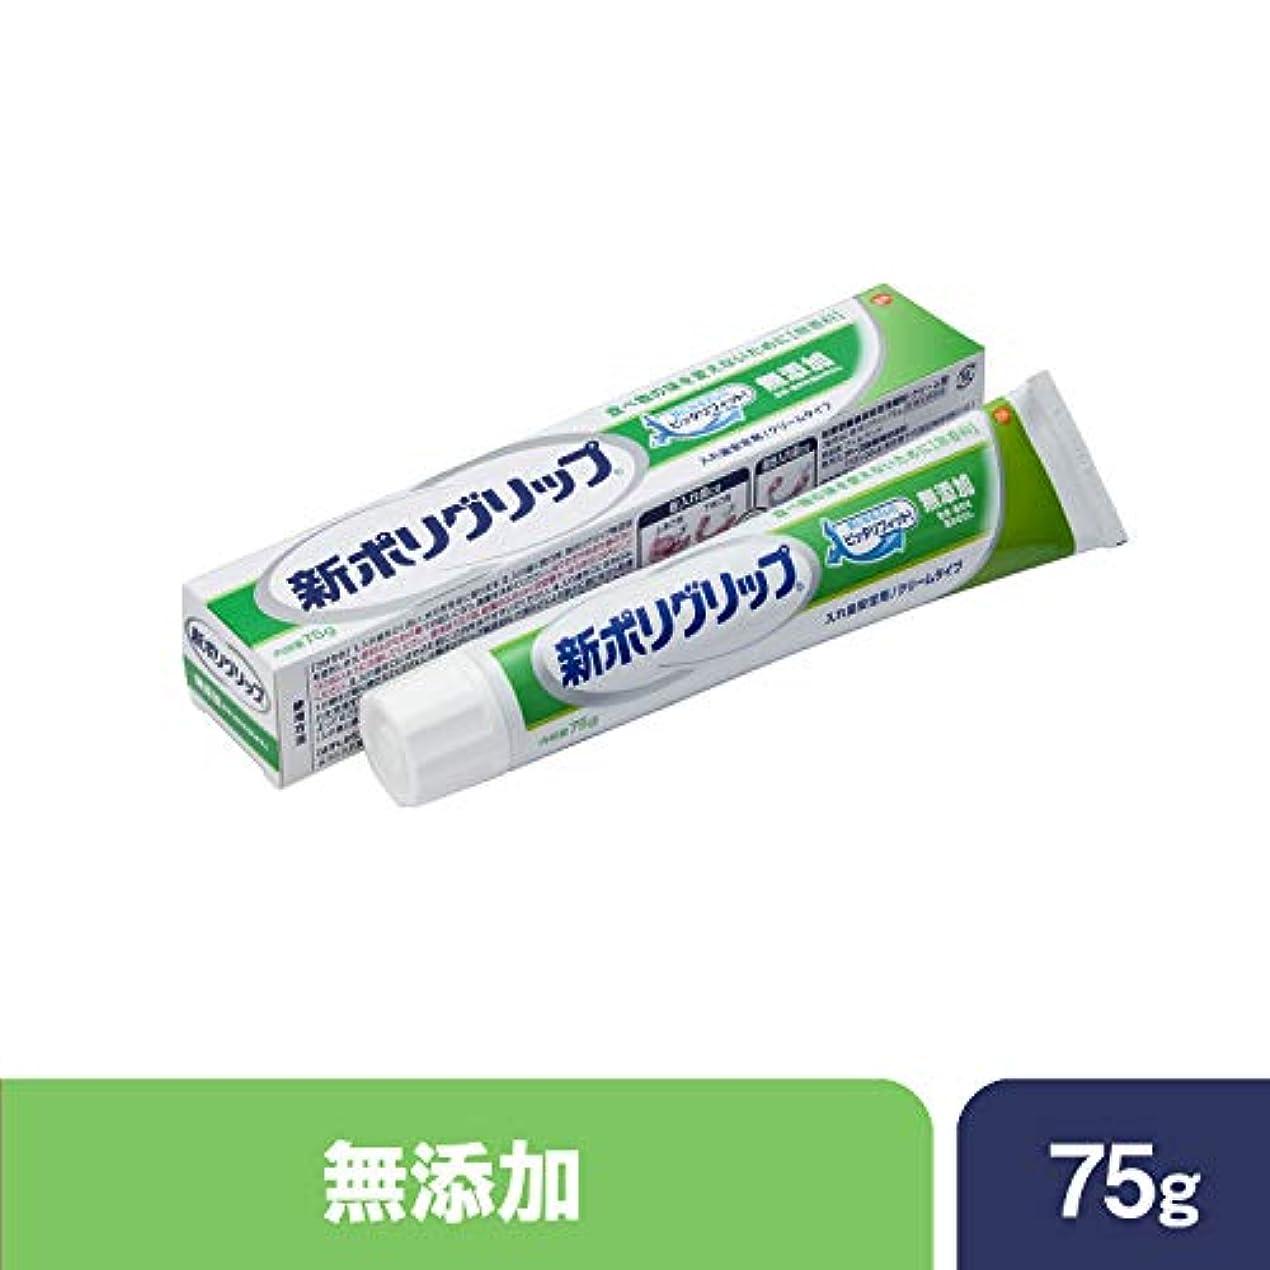 スペクトラム徐々に尊厳部分?総入れ歯安定剤 新ポリグリップ 無添加(色素?香料を含みません) 75g